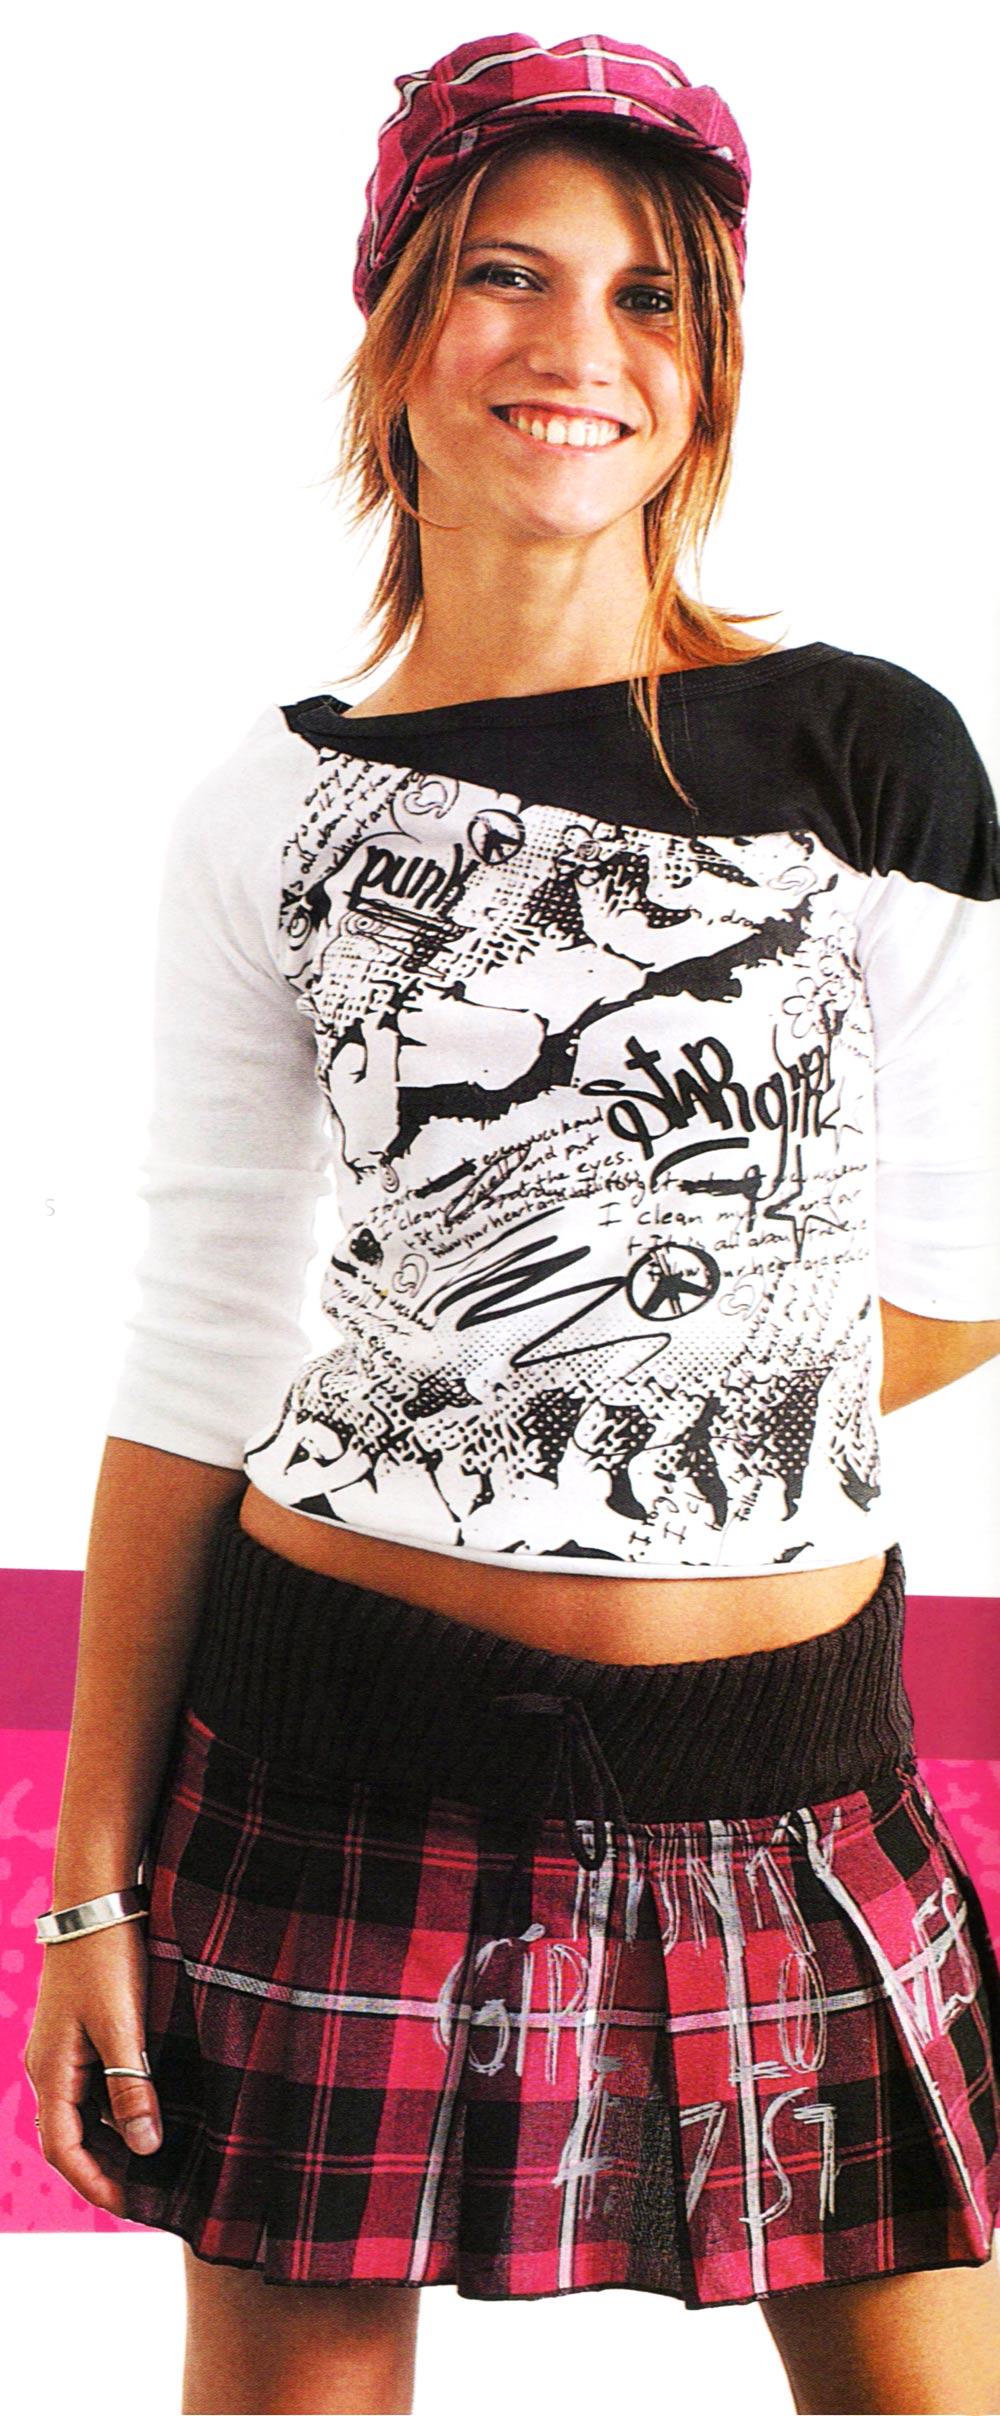 Camila bordonaba dating